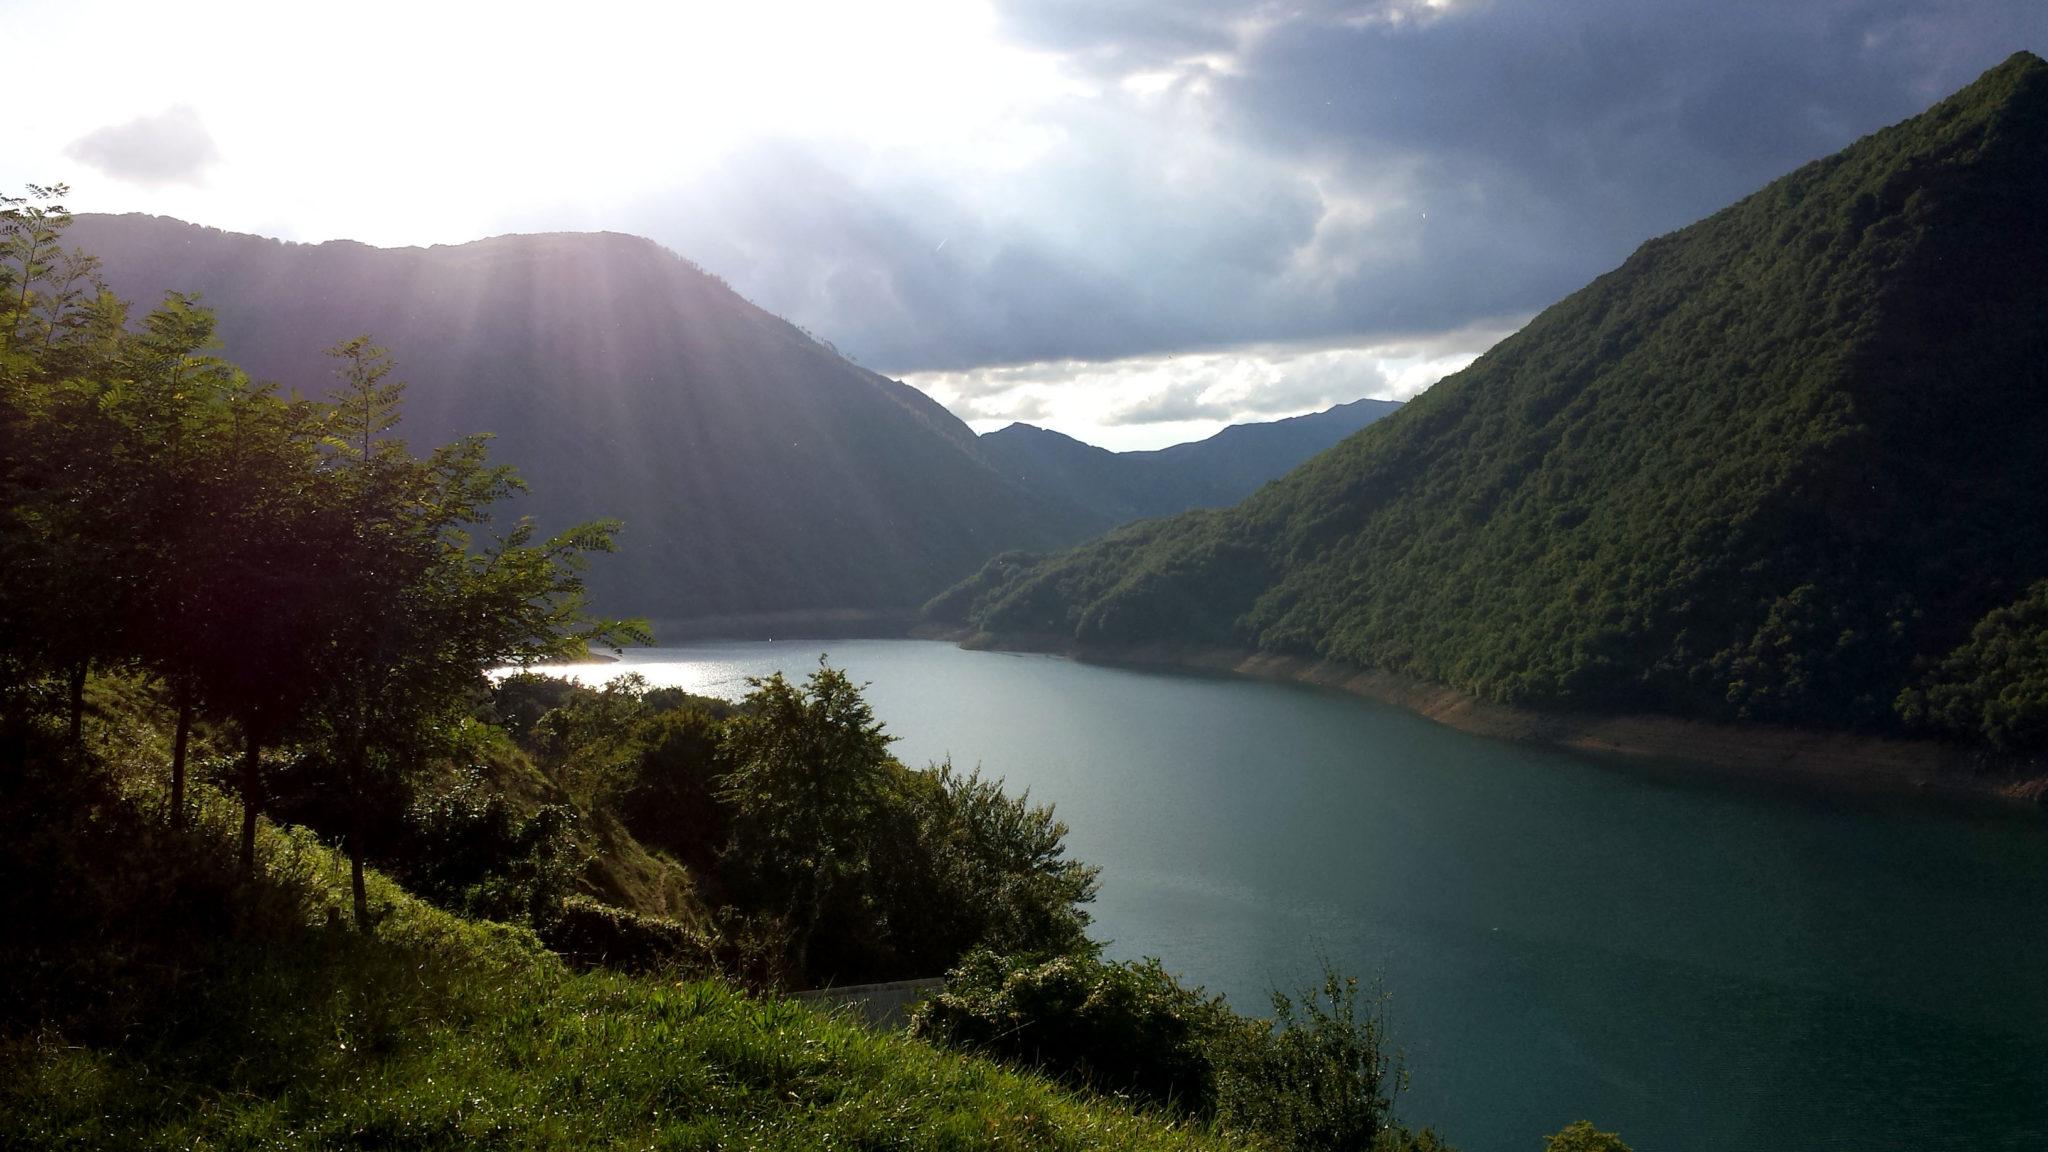 Hemaposesesvalises_montenegro_rafting_canyon_de_la_piva_tara_scepan_polje_travel_voyage_blog3